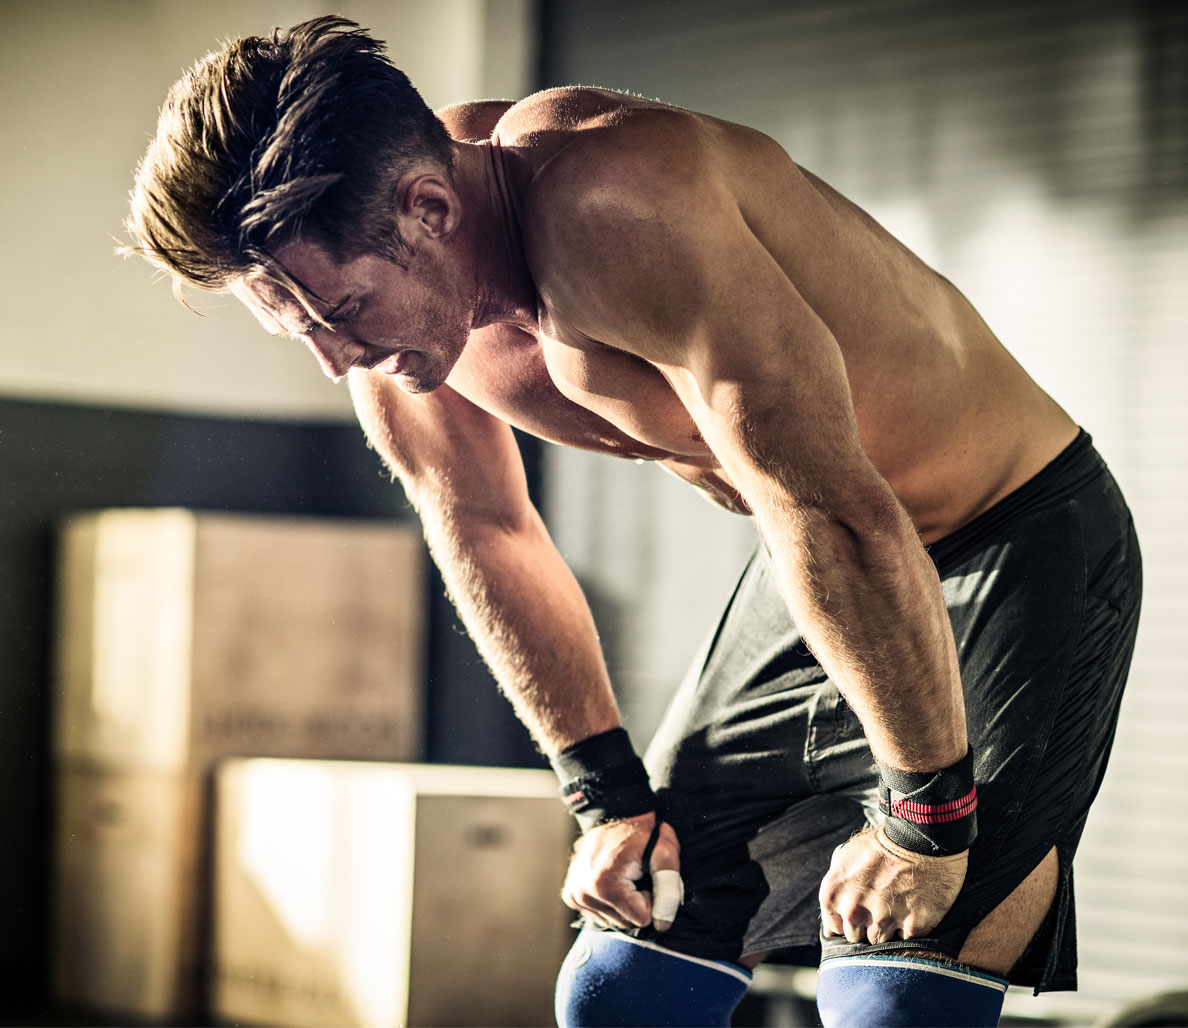 мъж в спортен екип се подпира отчаяно на коленете си